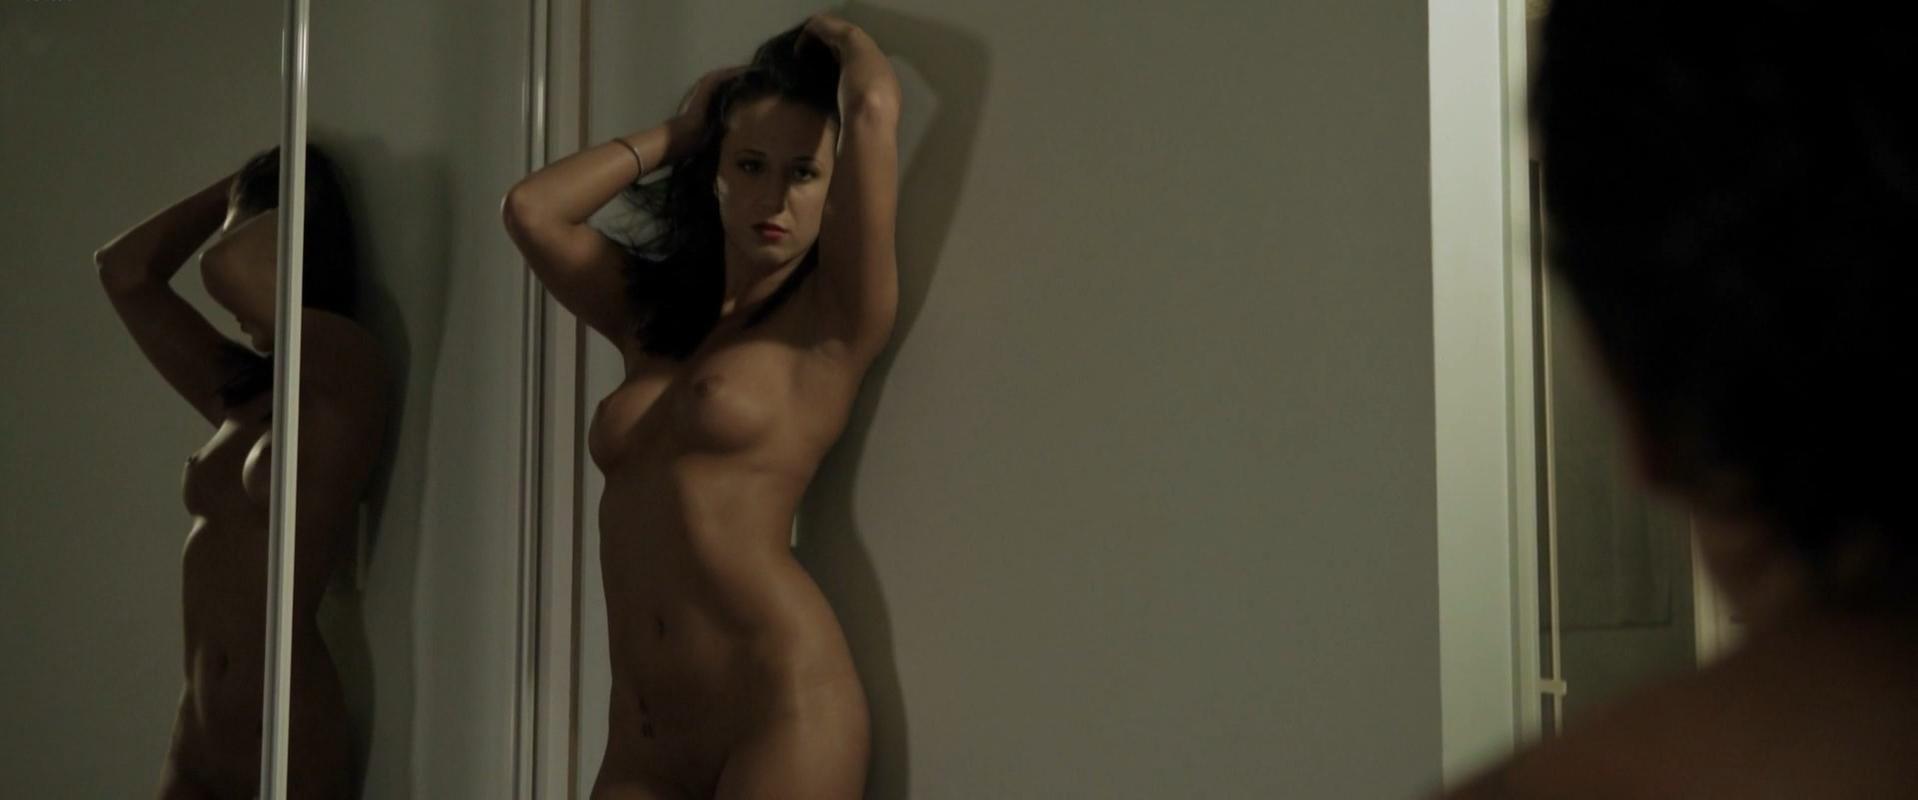 Vanessa hudgens toples pic